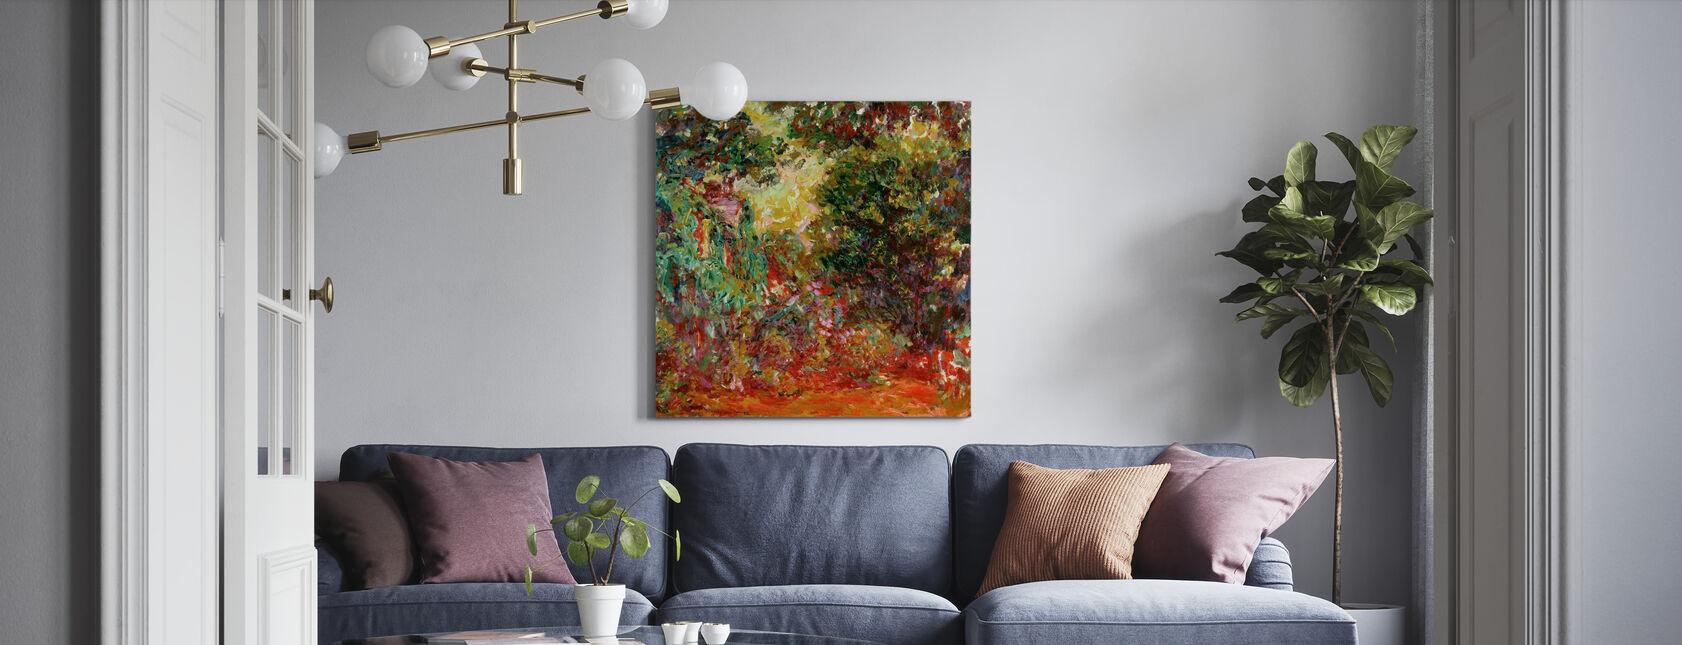 Rozentuin - Claude Monet - Canvas print - Woonkamer